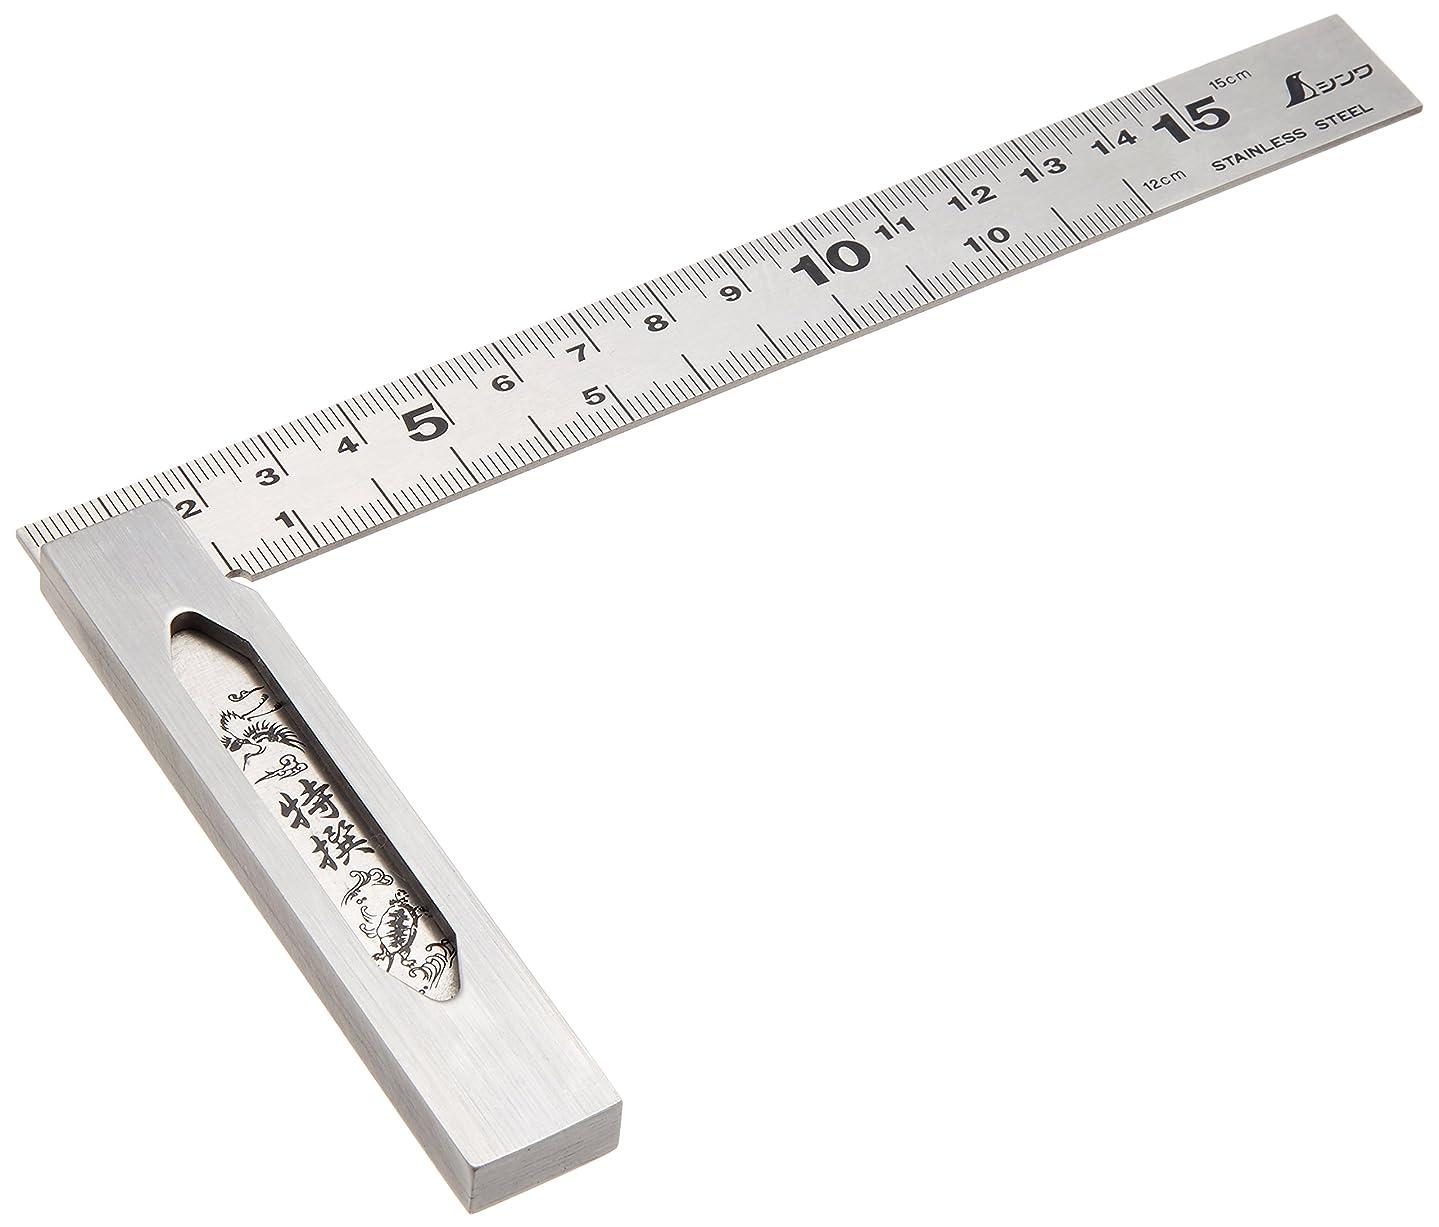 アピール肉腫そしてタジマ Gロック-19 5.5m 19mm幅 メートル目盛 GL19-55BL